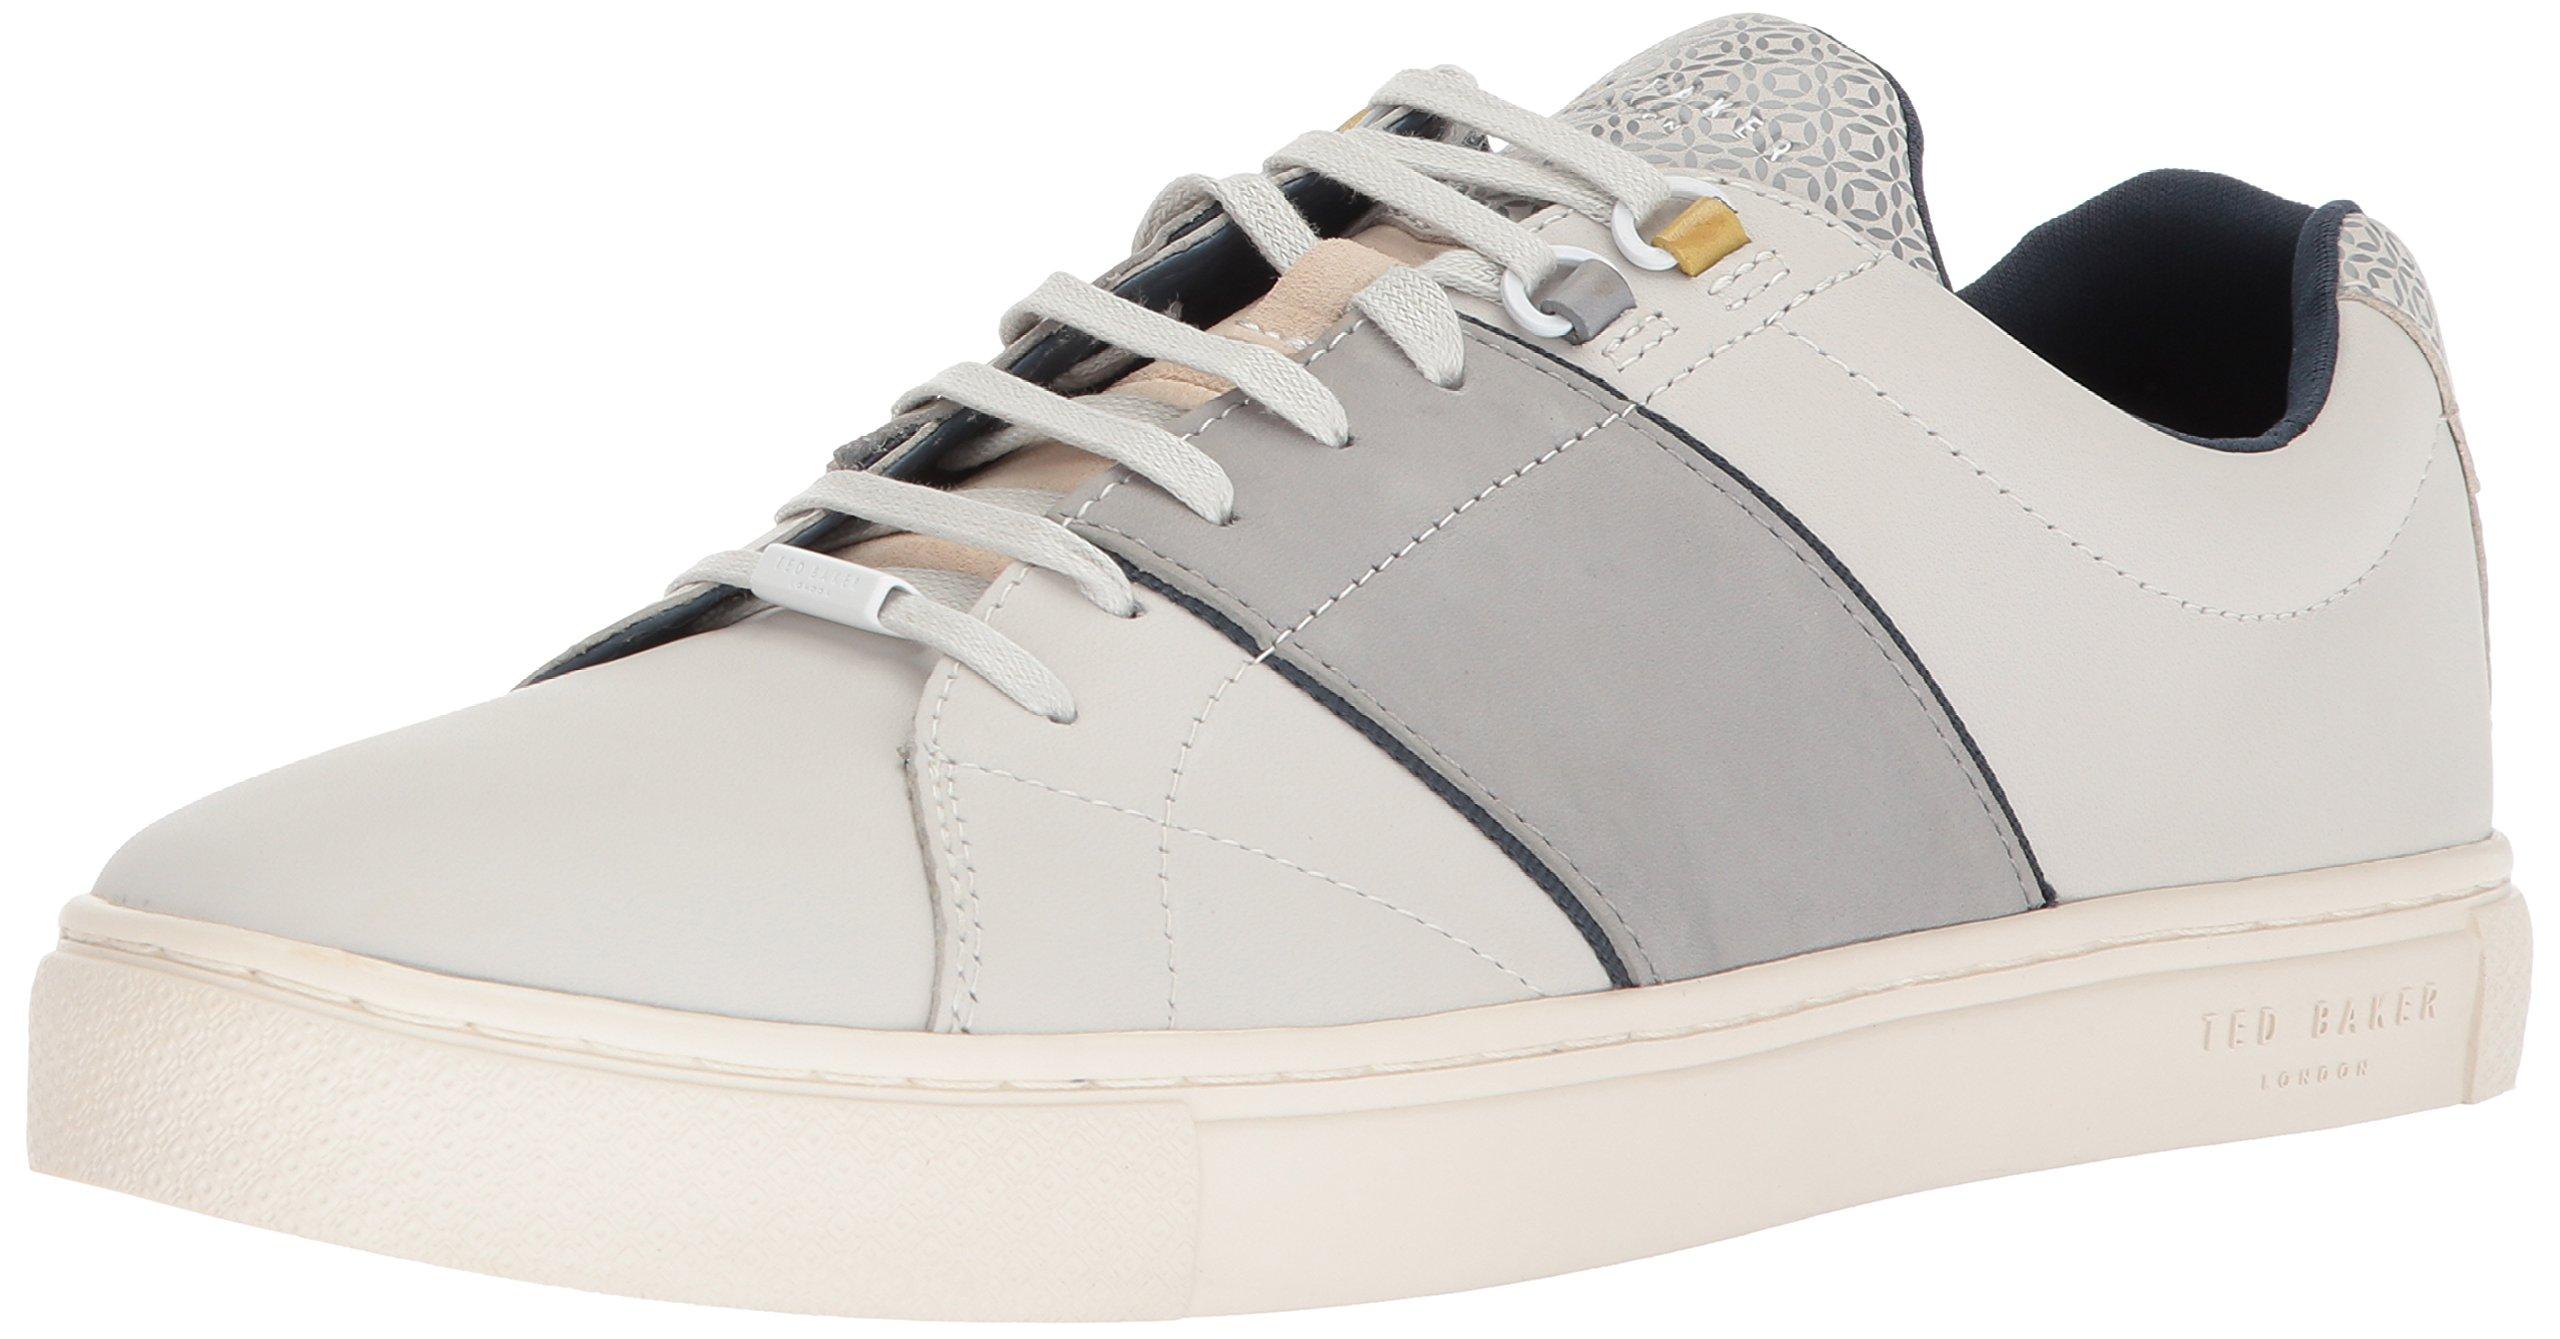 Ted Baker Men's Quana Sneaker, White, 13 M US